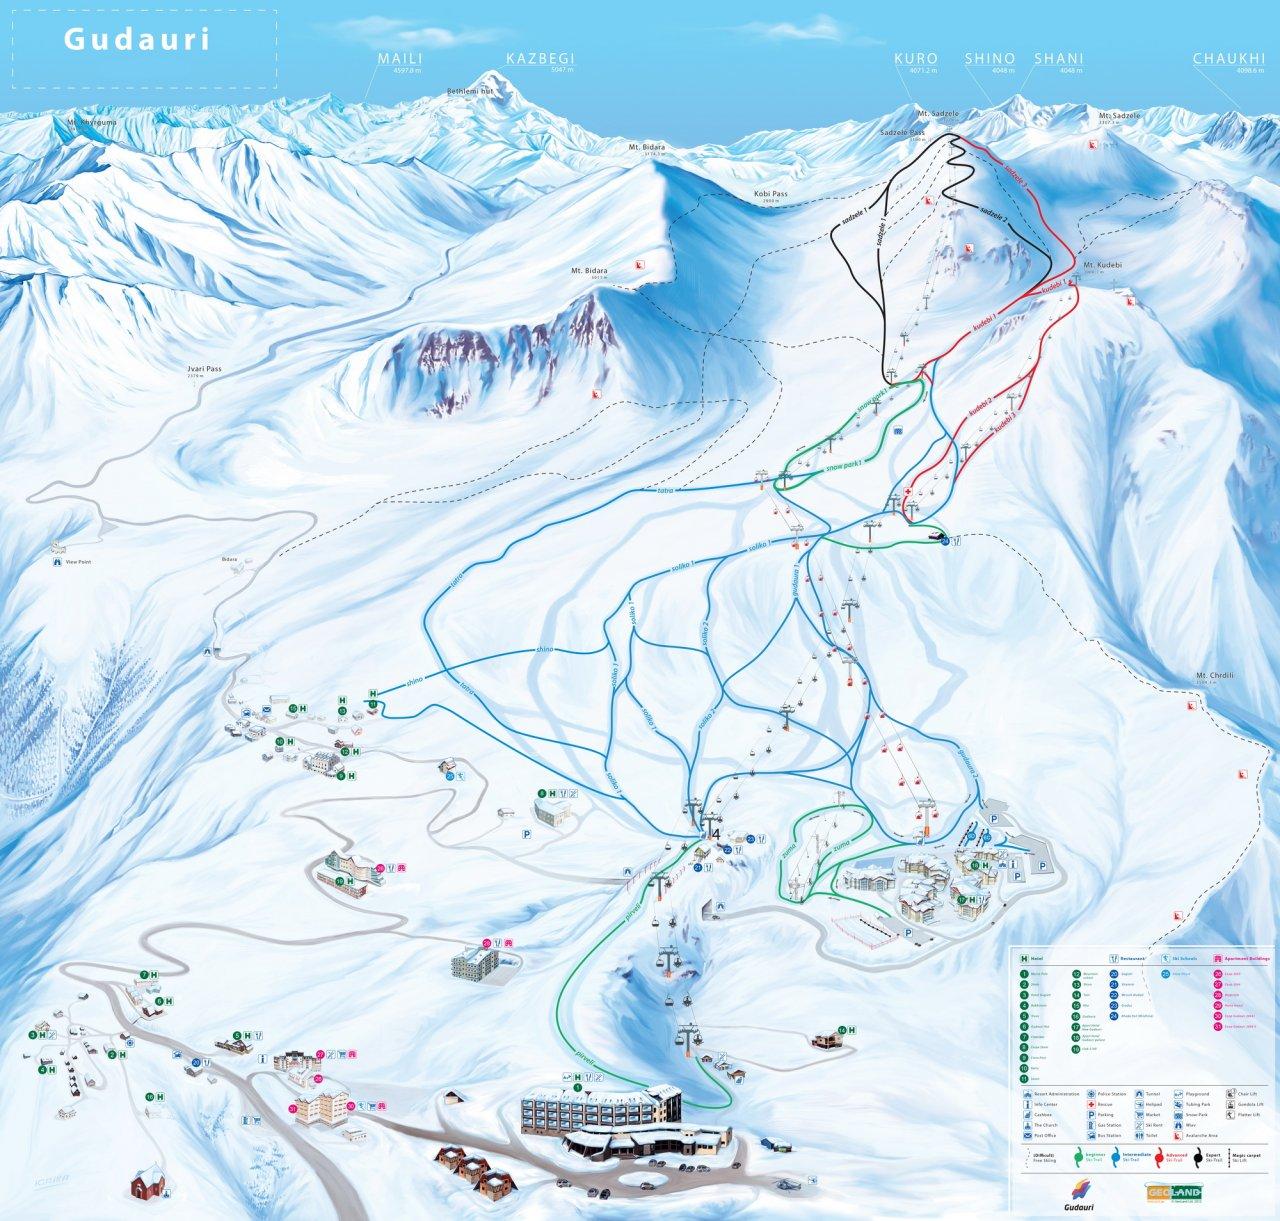 Карта склонов «Гудаури». Фото: gudauri.ru